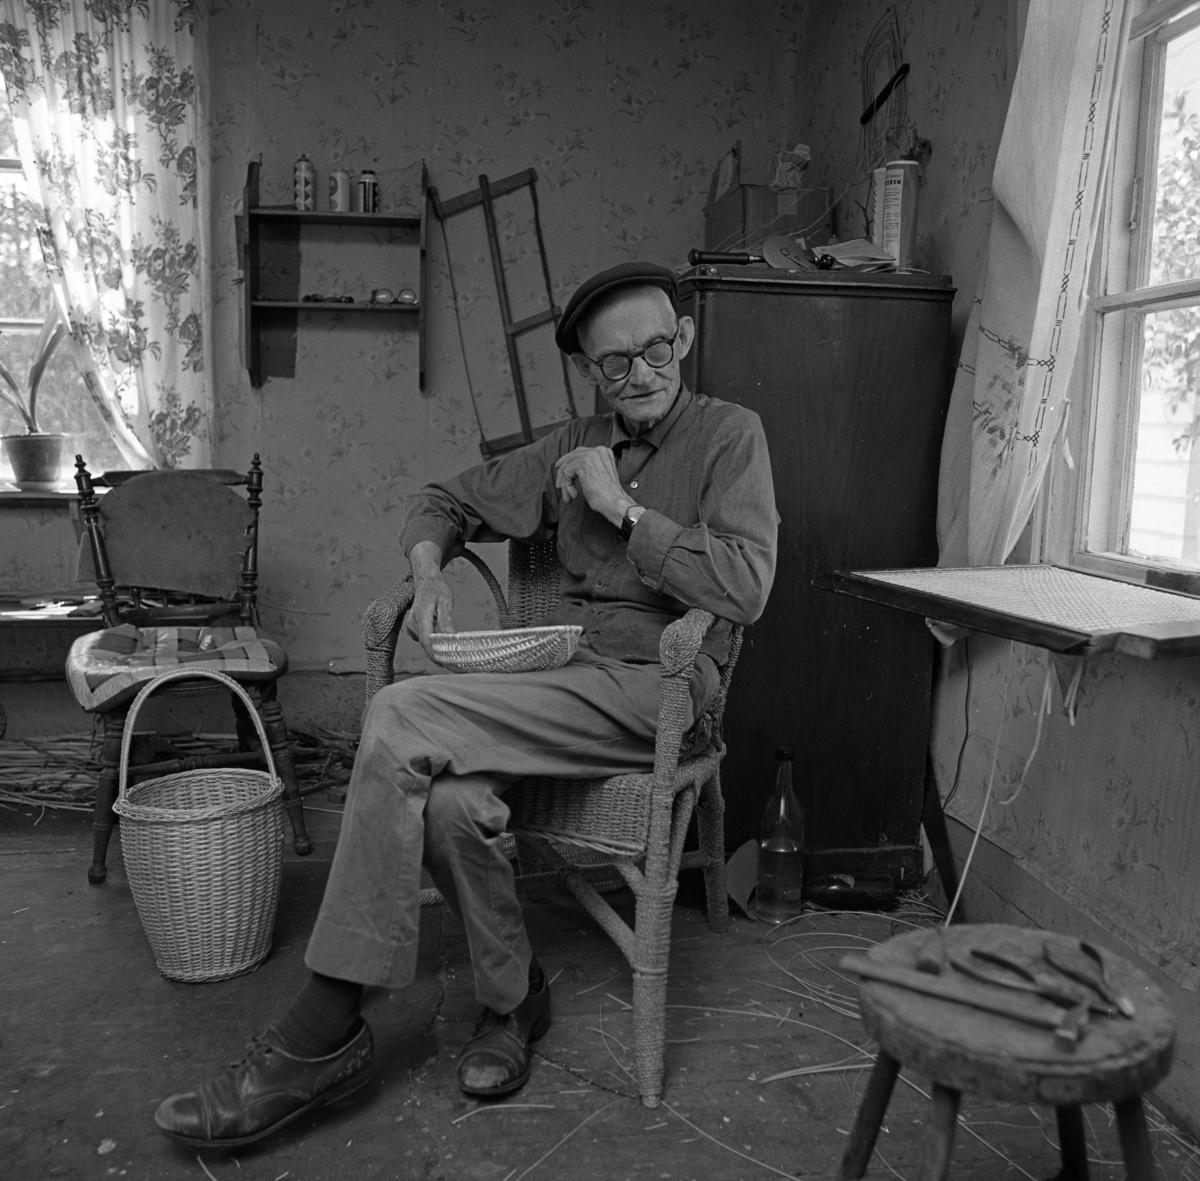 Korgmakare Oskar Larsson i Sjölunda, Tyringe. Oskar har sin verkstad i ett av rummen i bostadshuset. På väggen hänger en såg. En färdig korg står på golvet. På byrån ligger en borr. På pallen ligger ett par tänger och en hammare. Det står krukväxter i fönstret. Oskar är gift med Maja. Oskar lärde grannbarnen att spela schack.